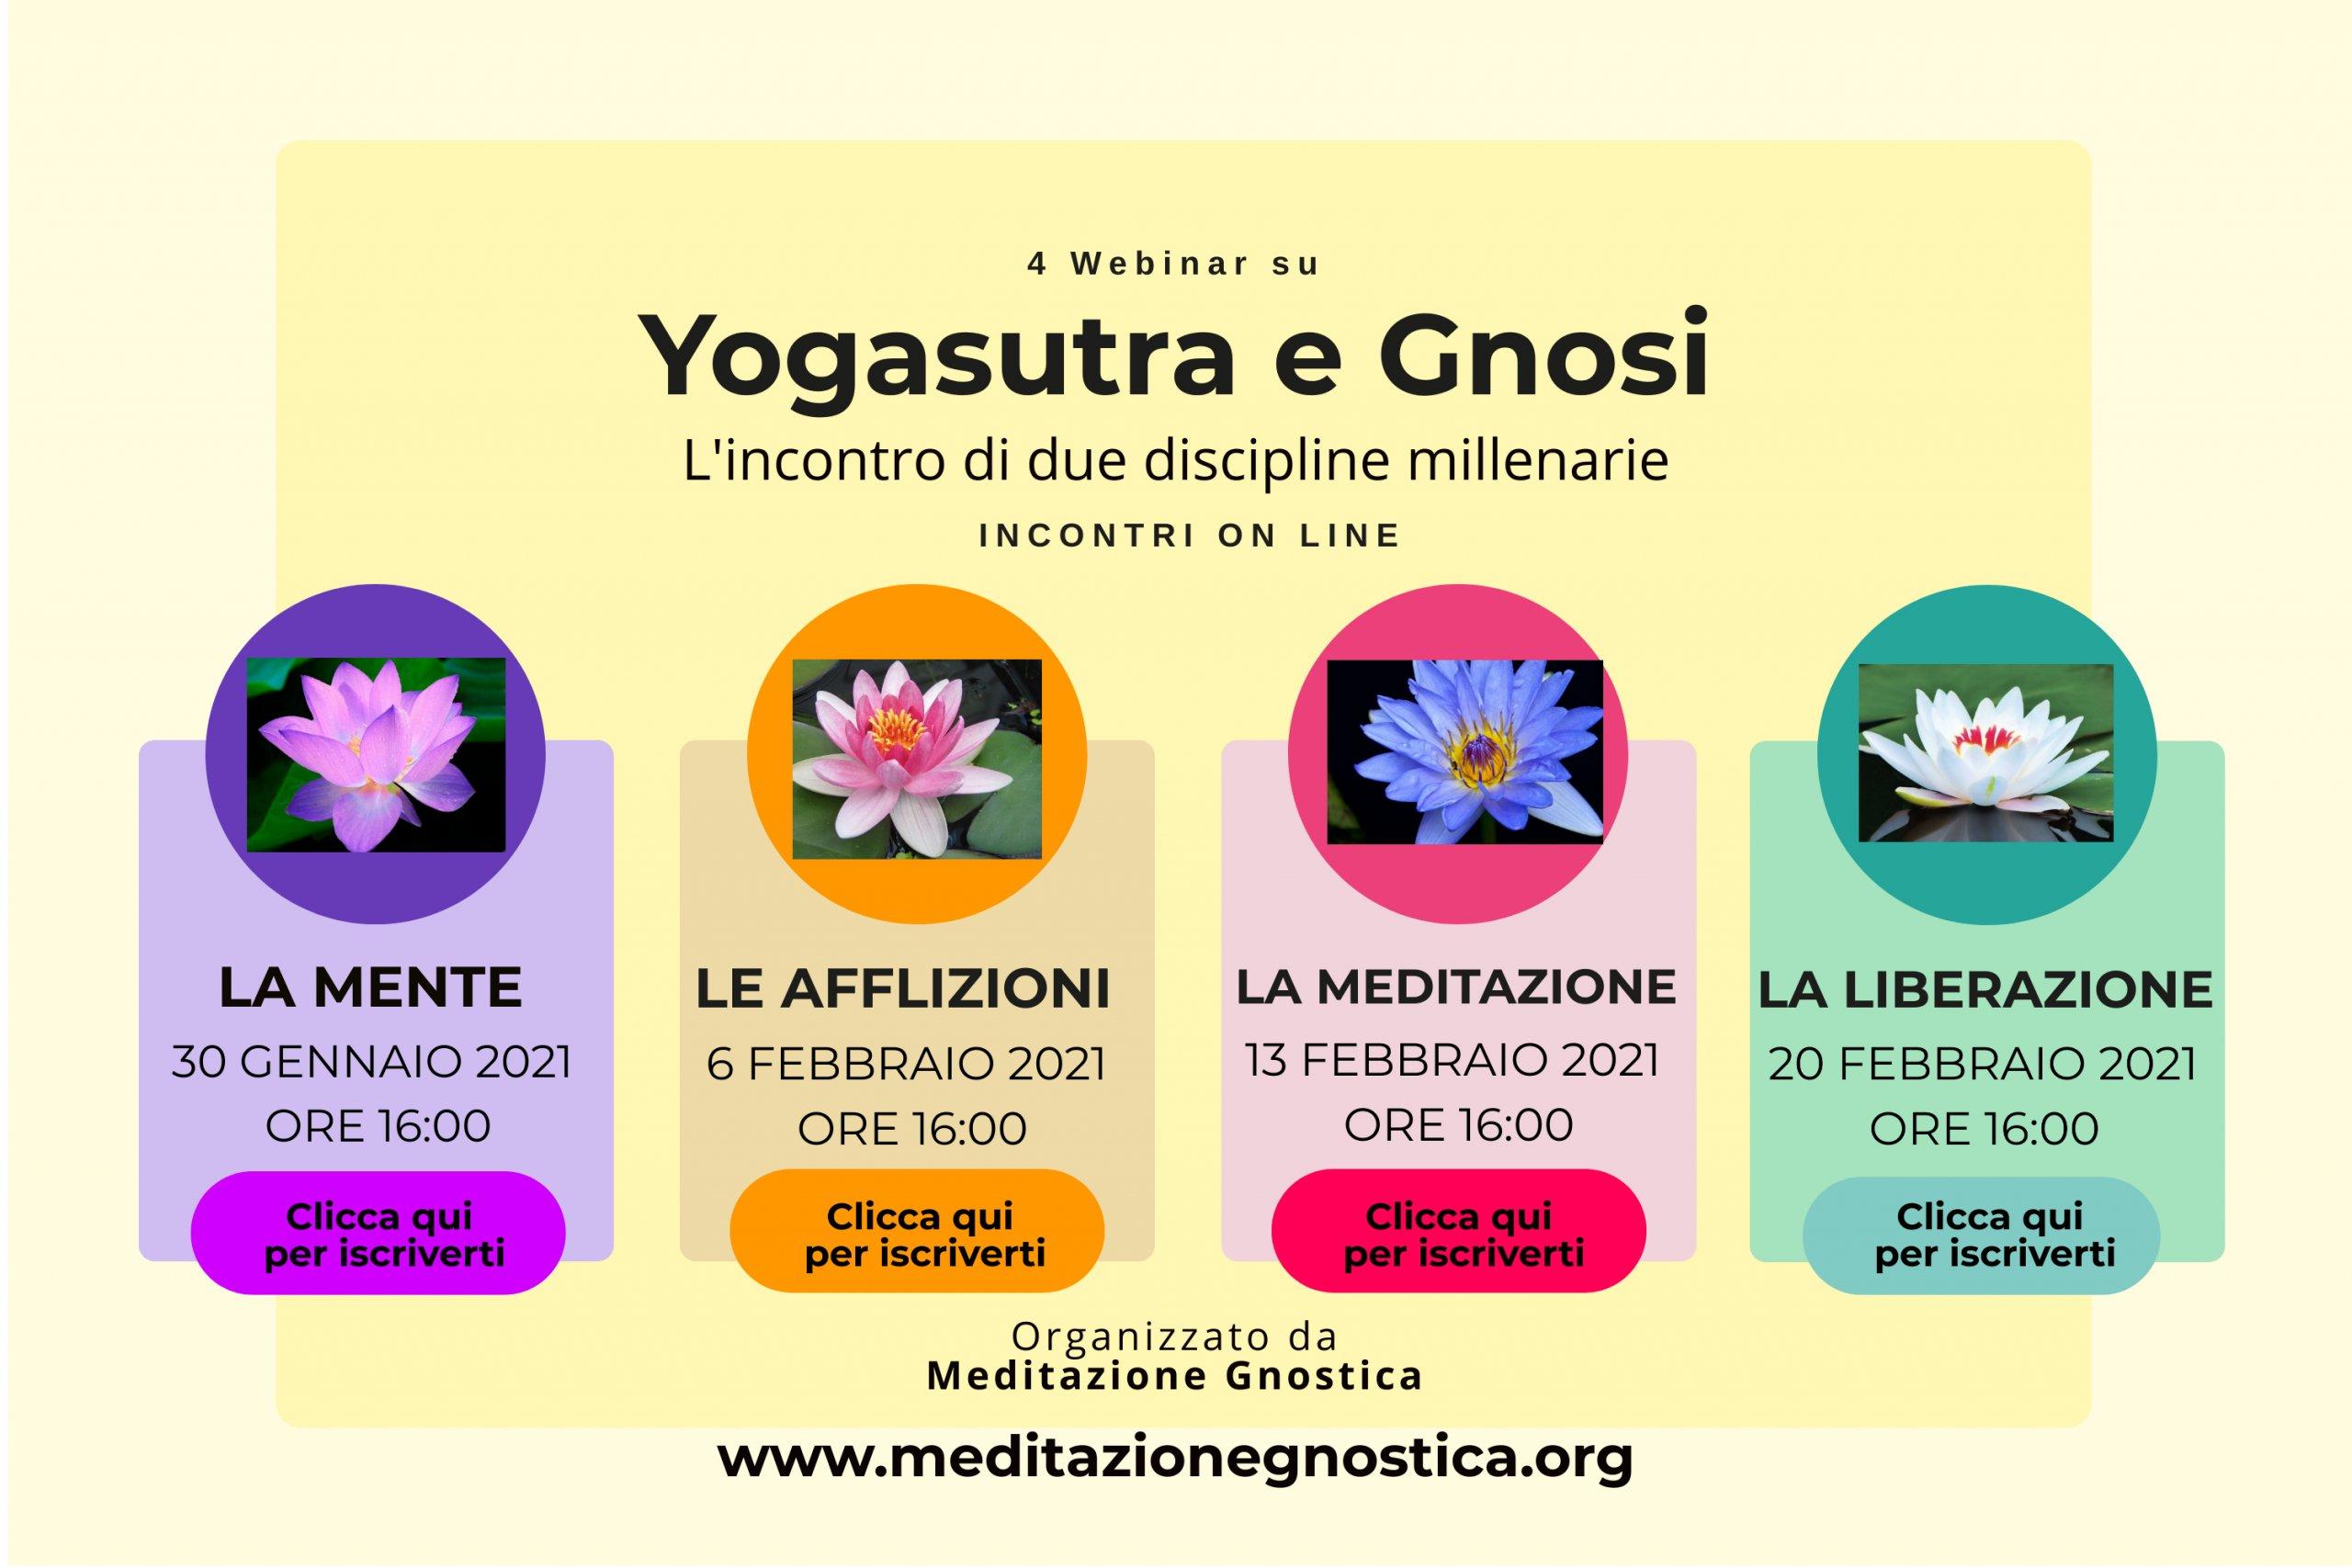 yogasutra e gnosi